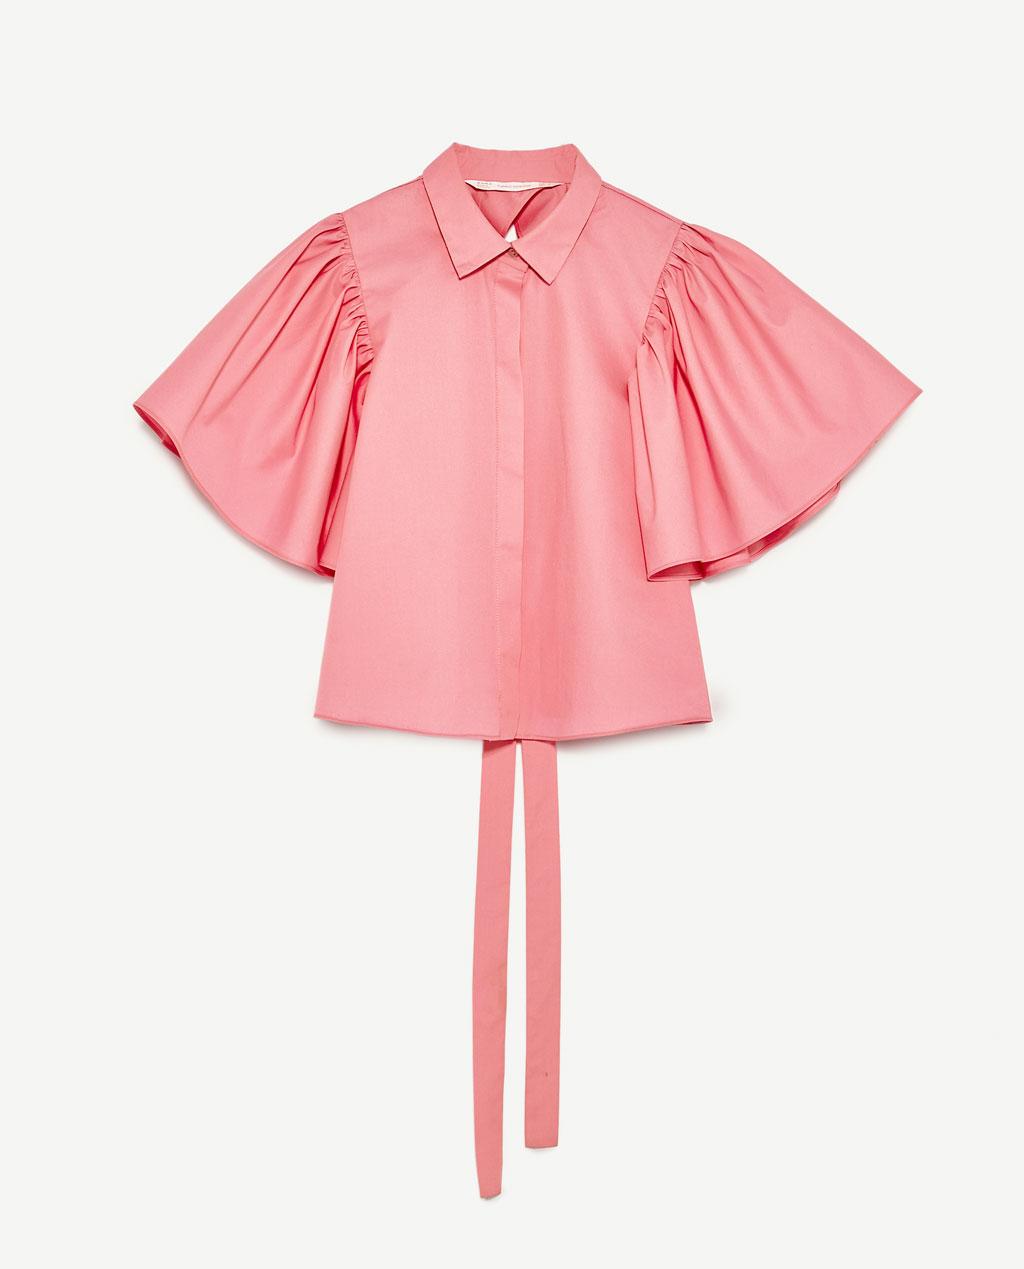 Zara Shirt w/ Back Tie